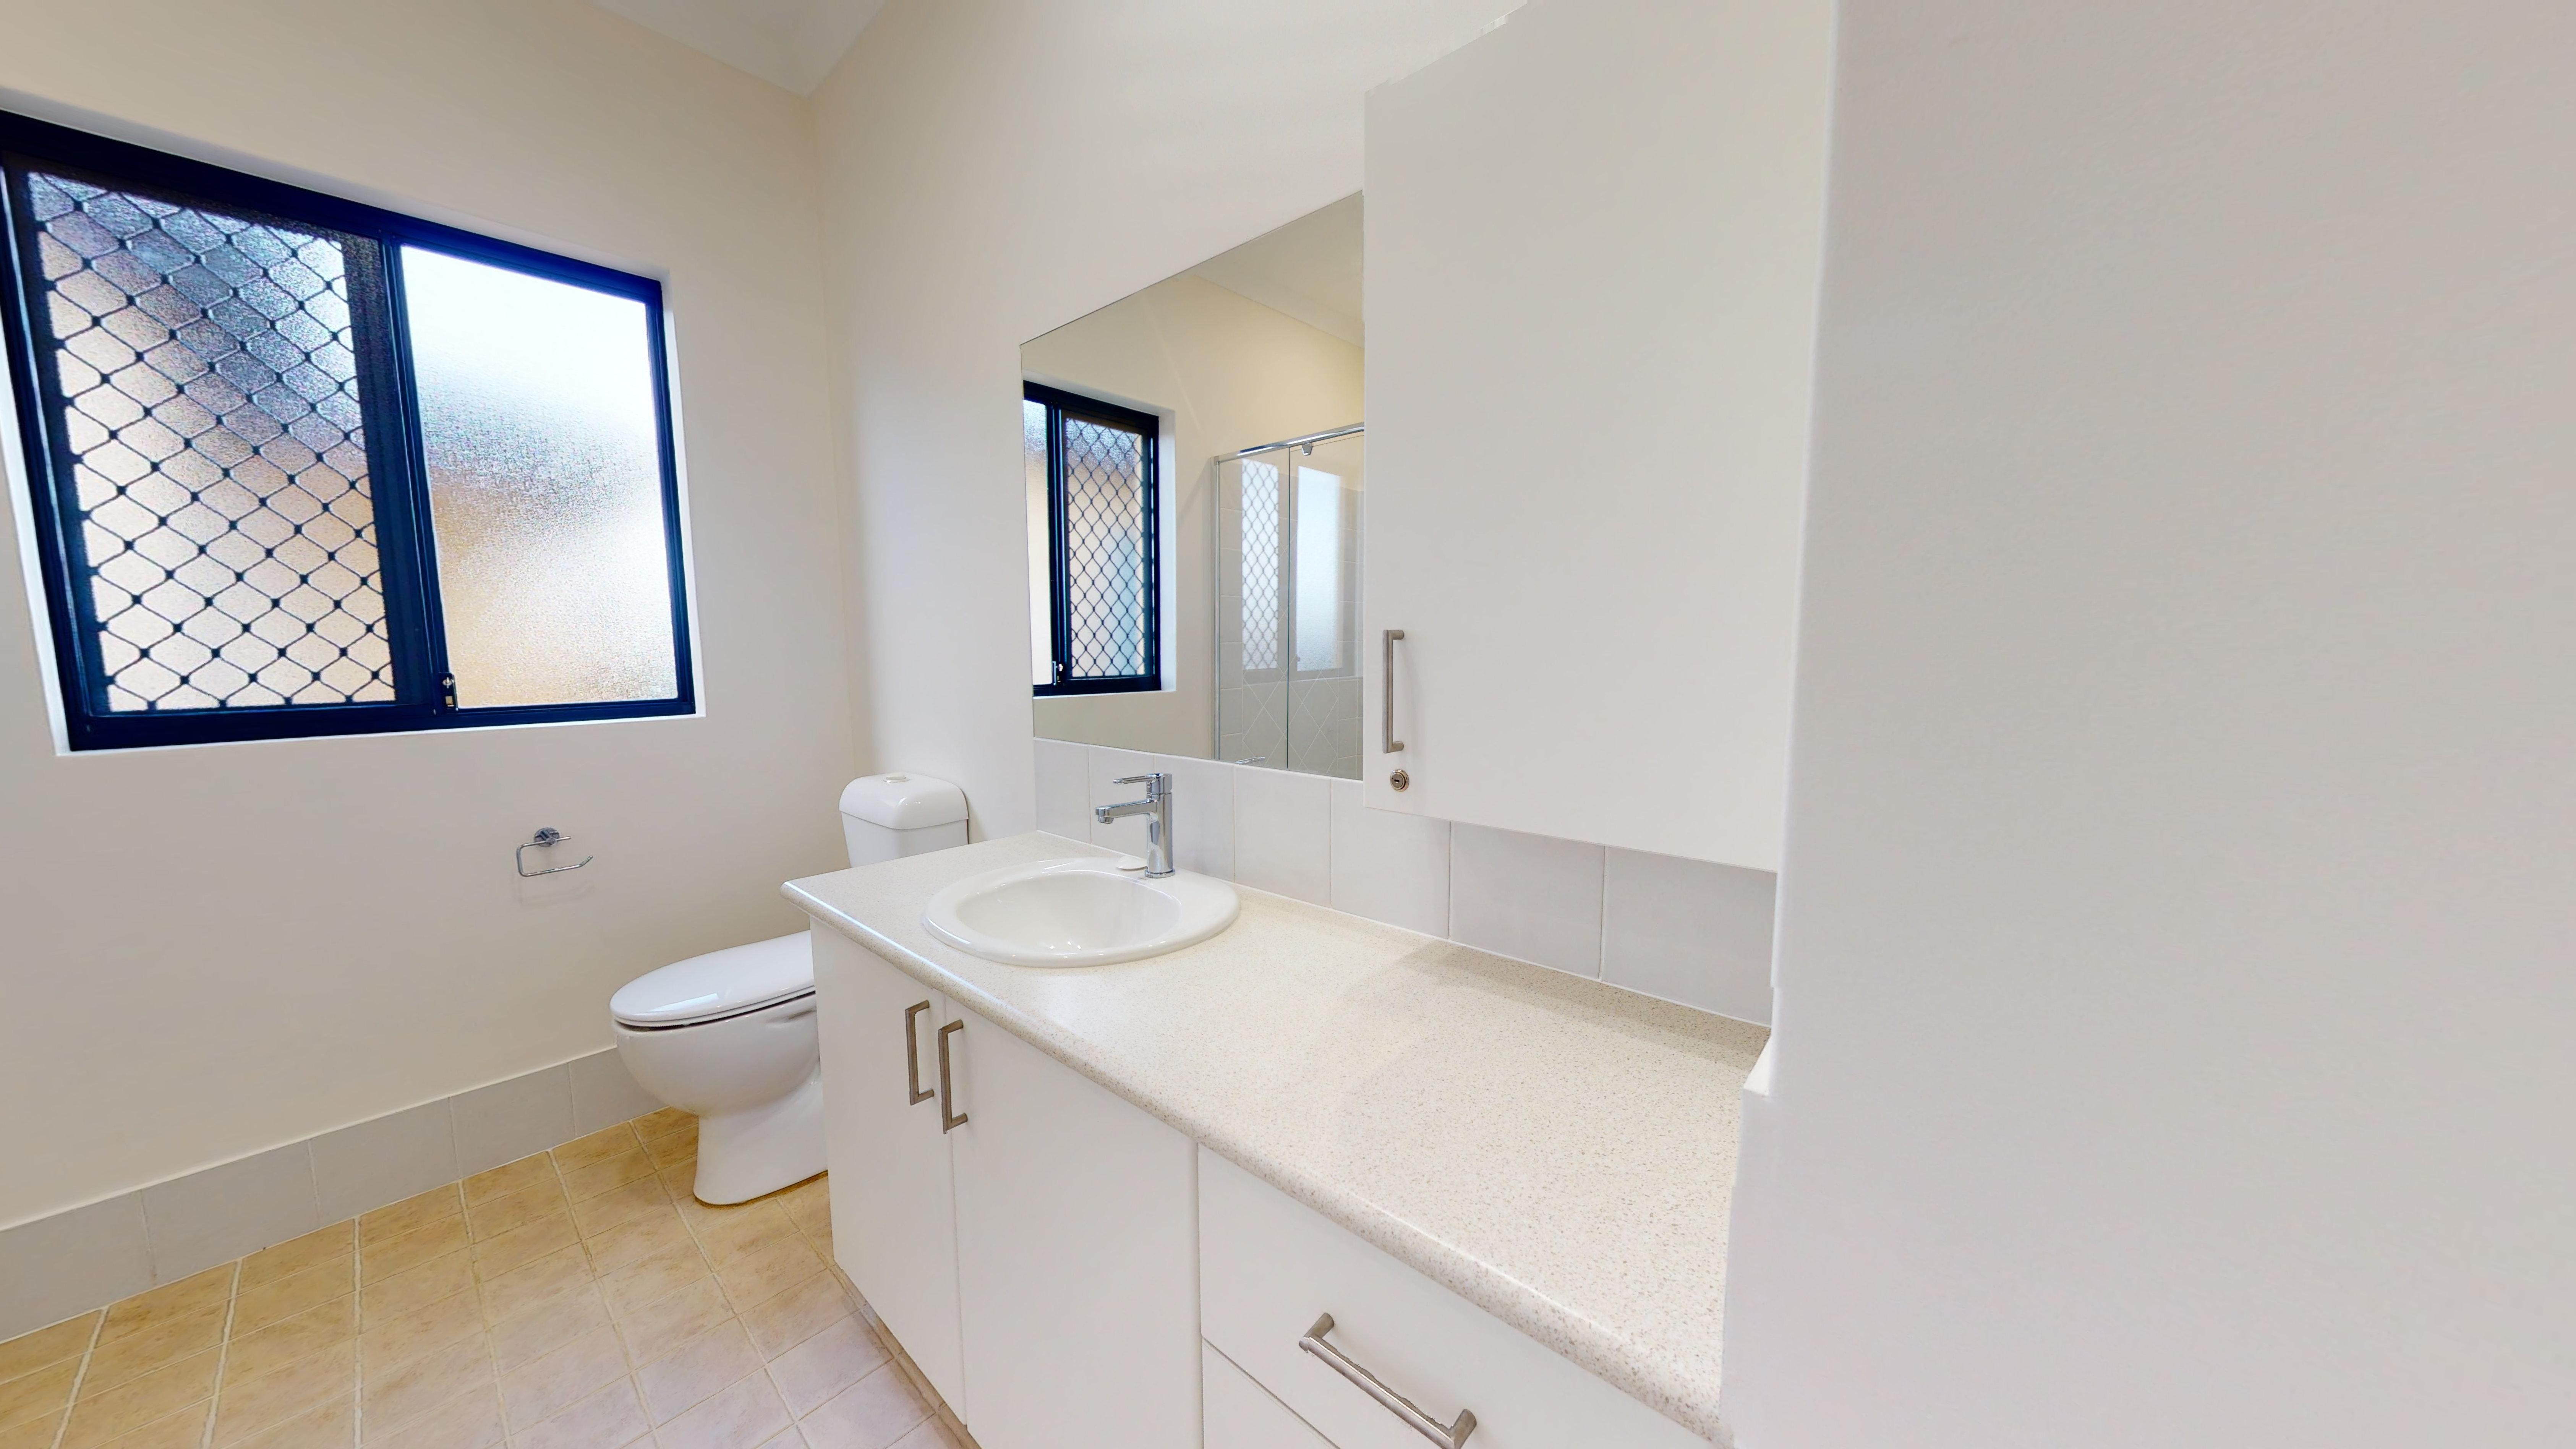 35483748 1626331096 24981 174 22 Windelya Rd Murdoch Bathroom1